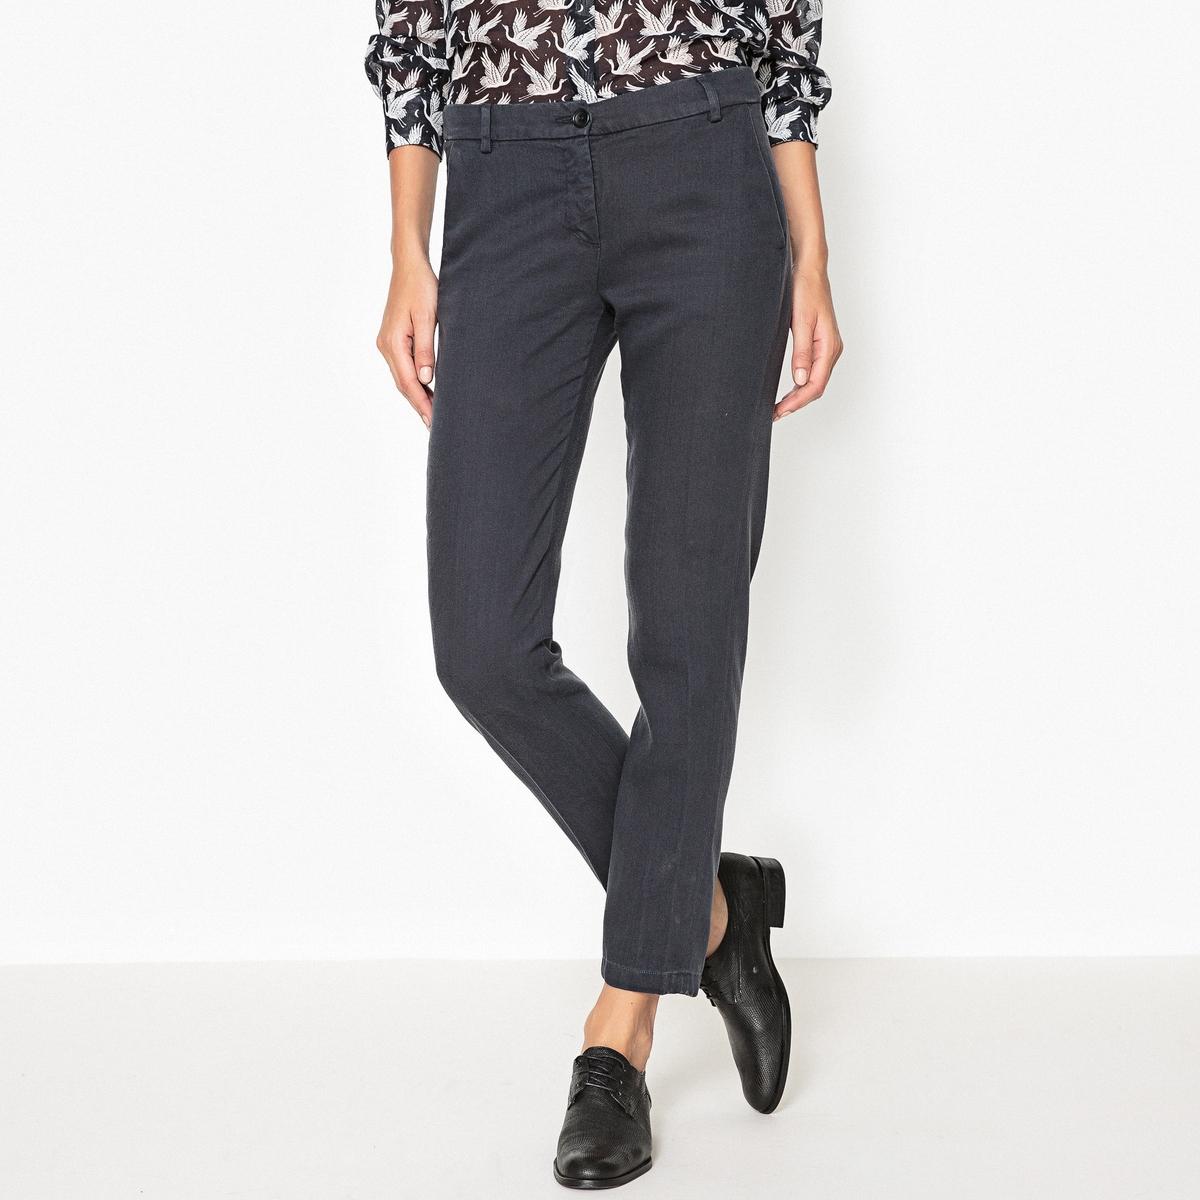 Брюки прямые PONETTE брюки прямые 100% лен